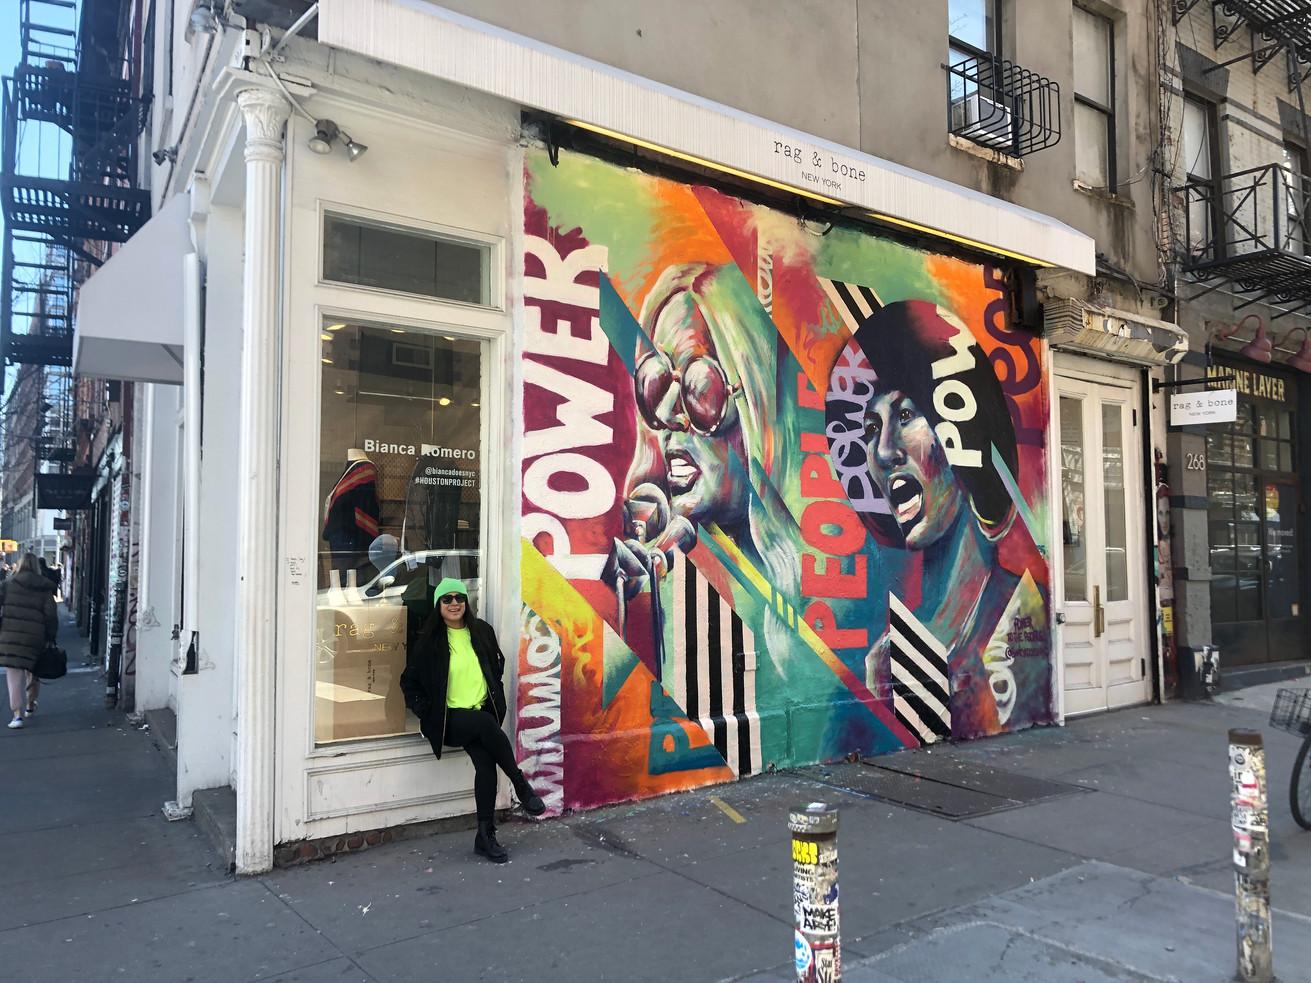 Bianca Romero art Rag & Bone Mural NYC